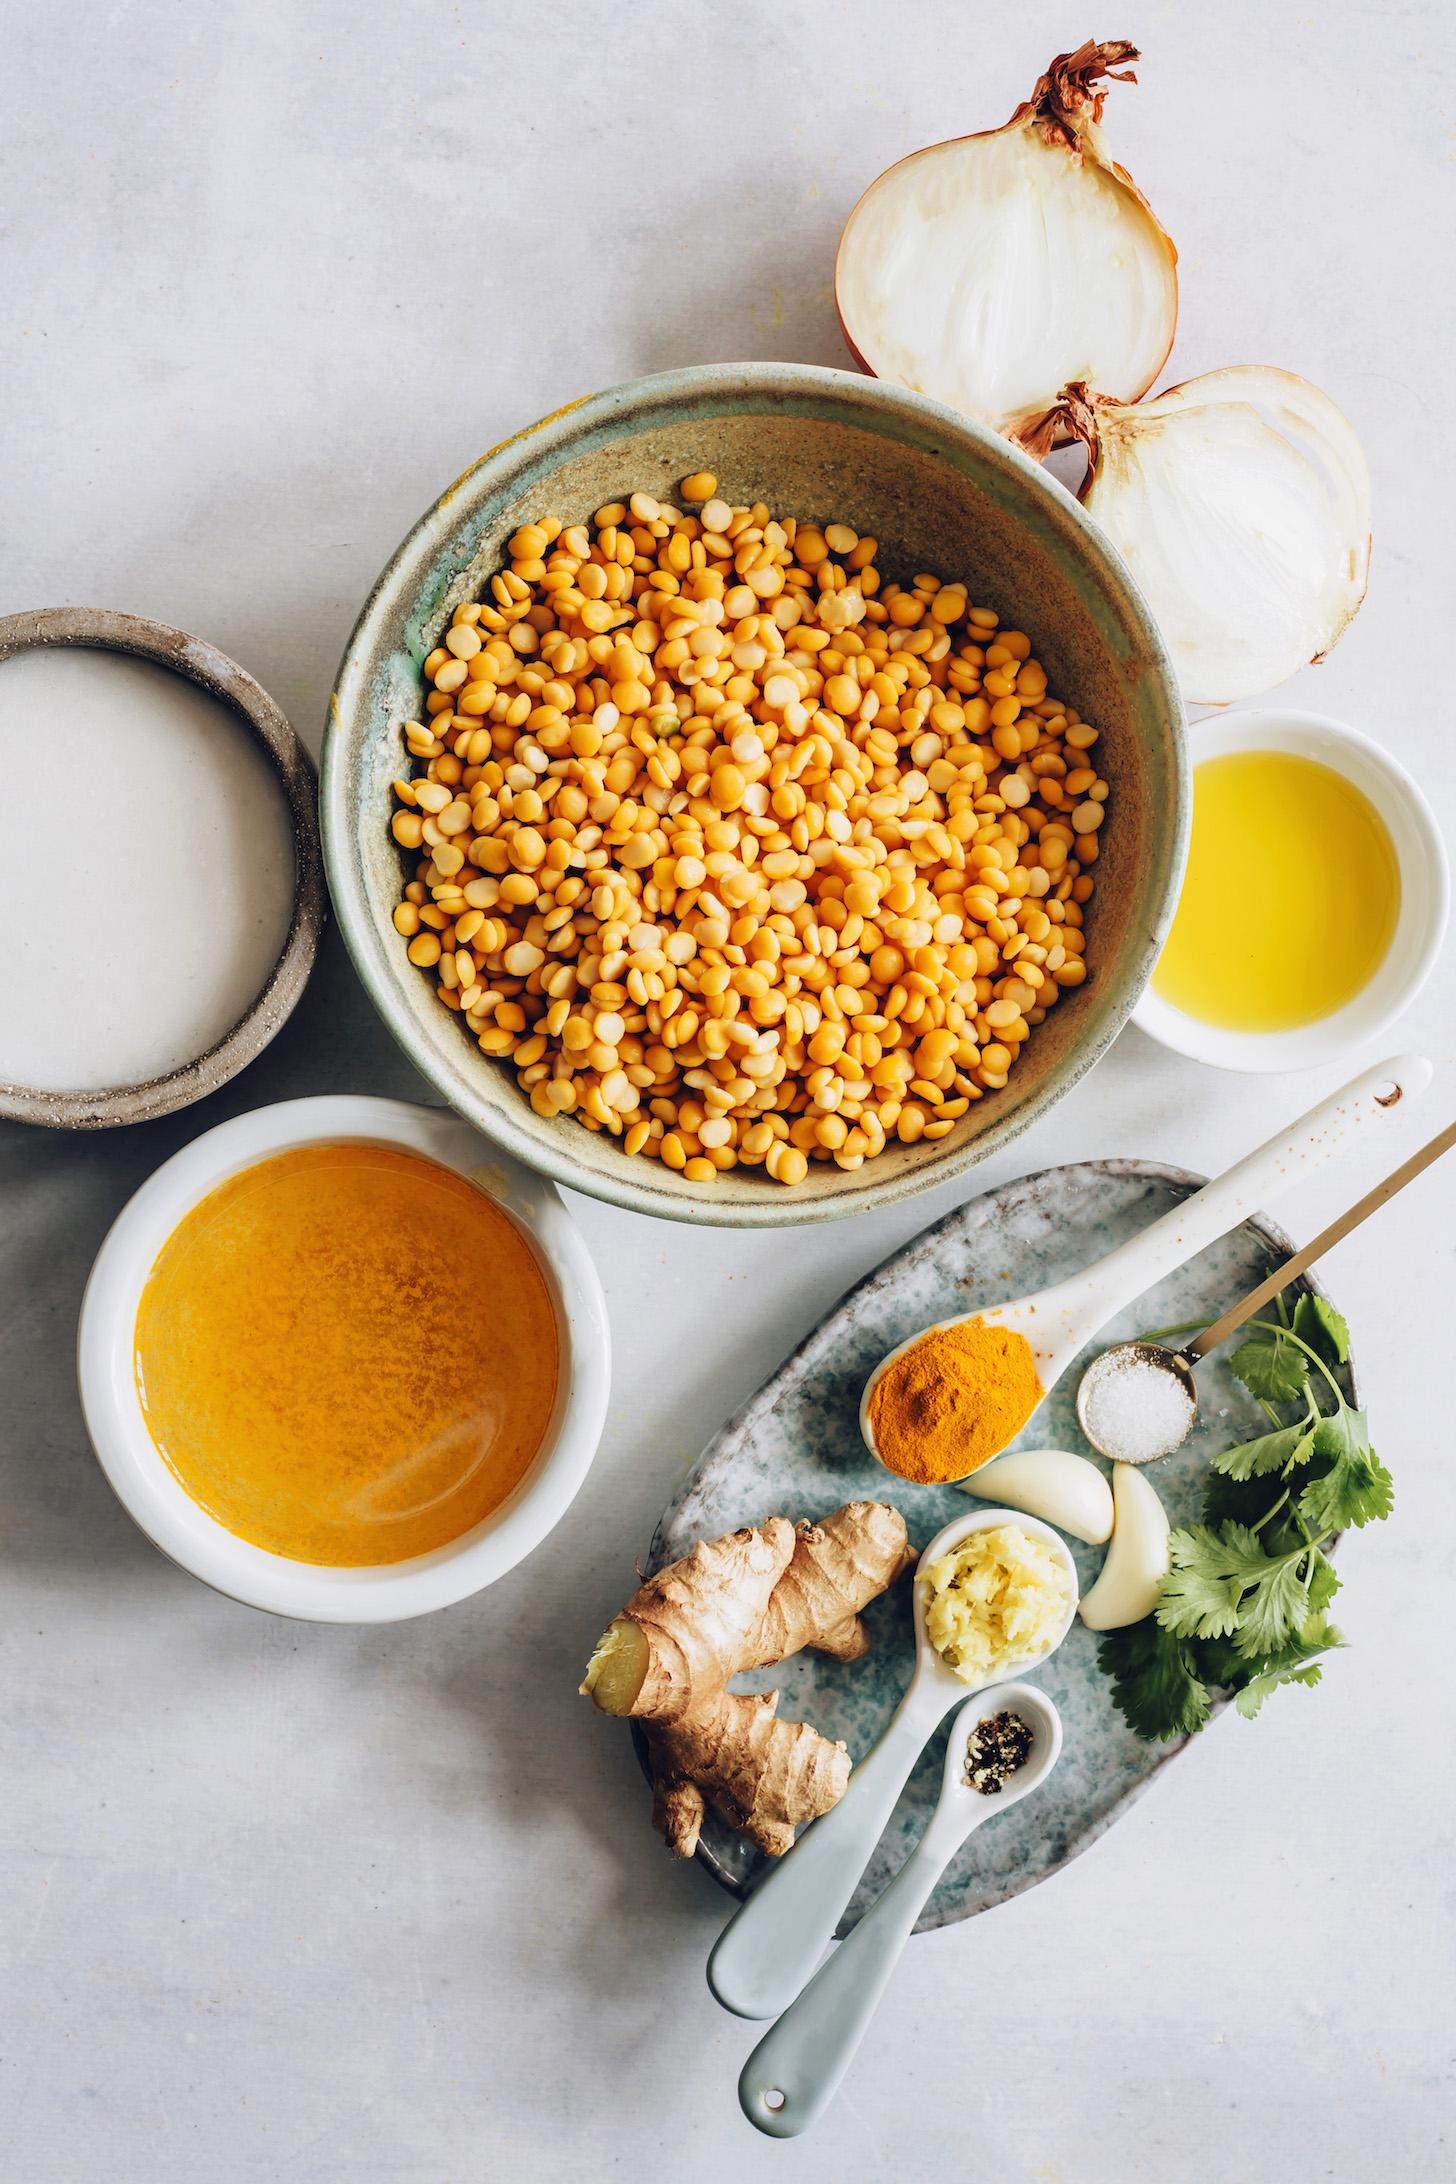 Cebolla, aceite de oliva, guisantes amarillos, ajo, jengibre, pimienta negra, cilantro, caldo de verduras y leche de coco